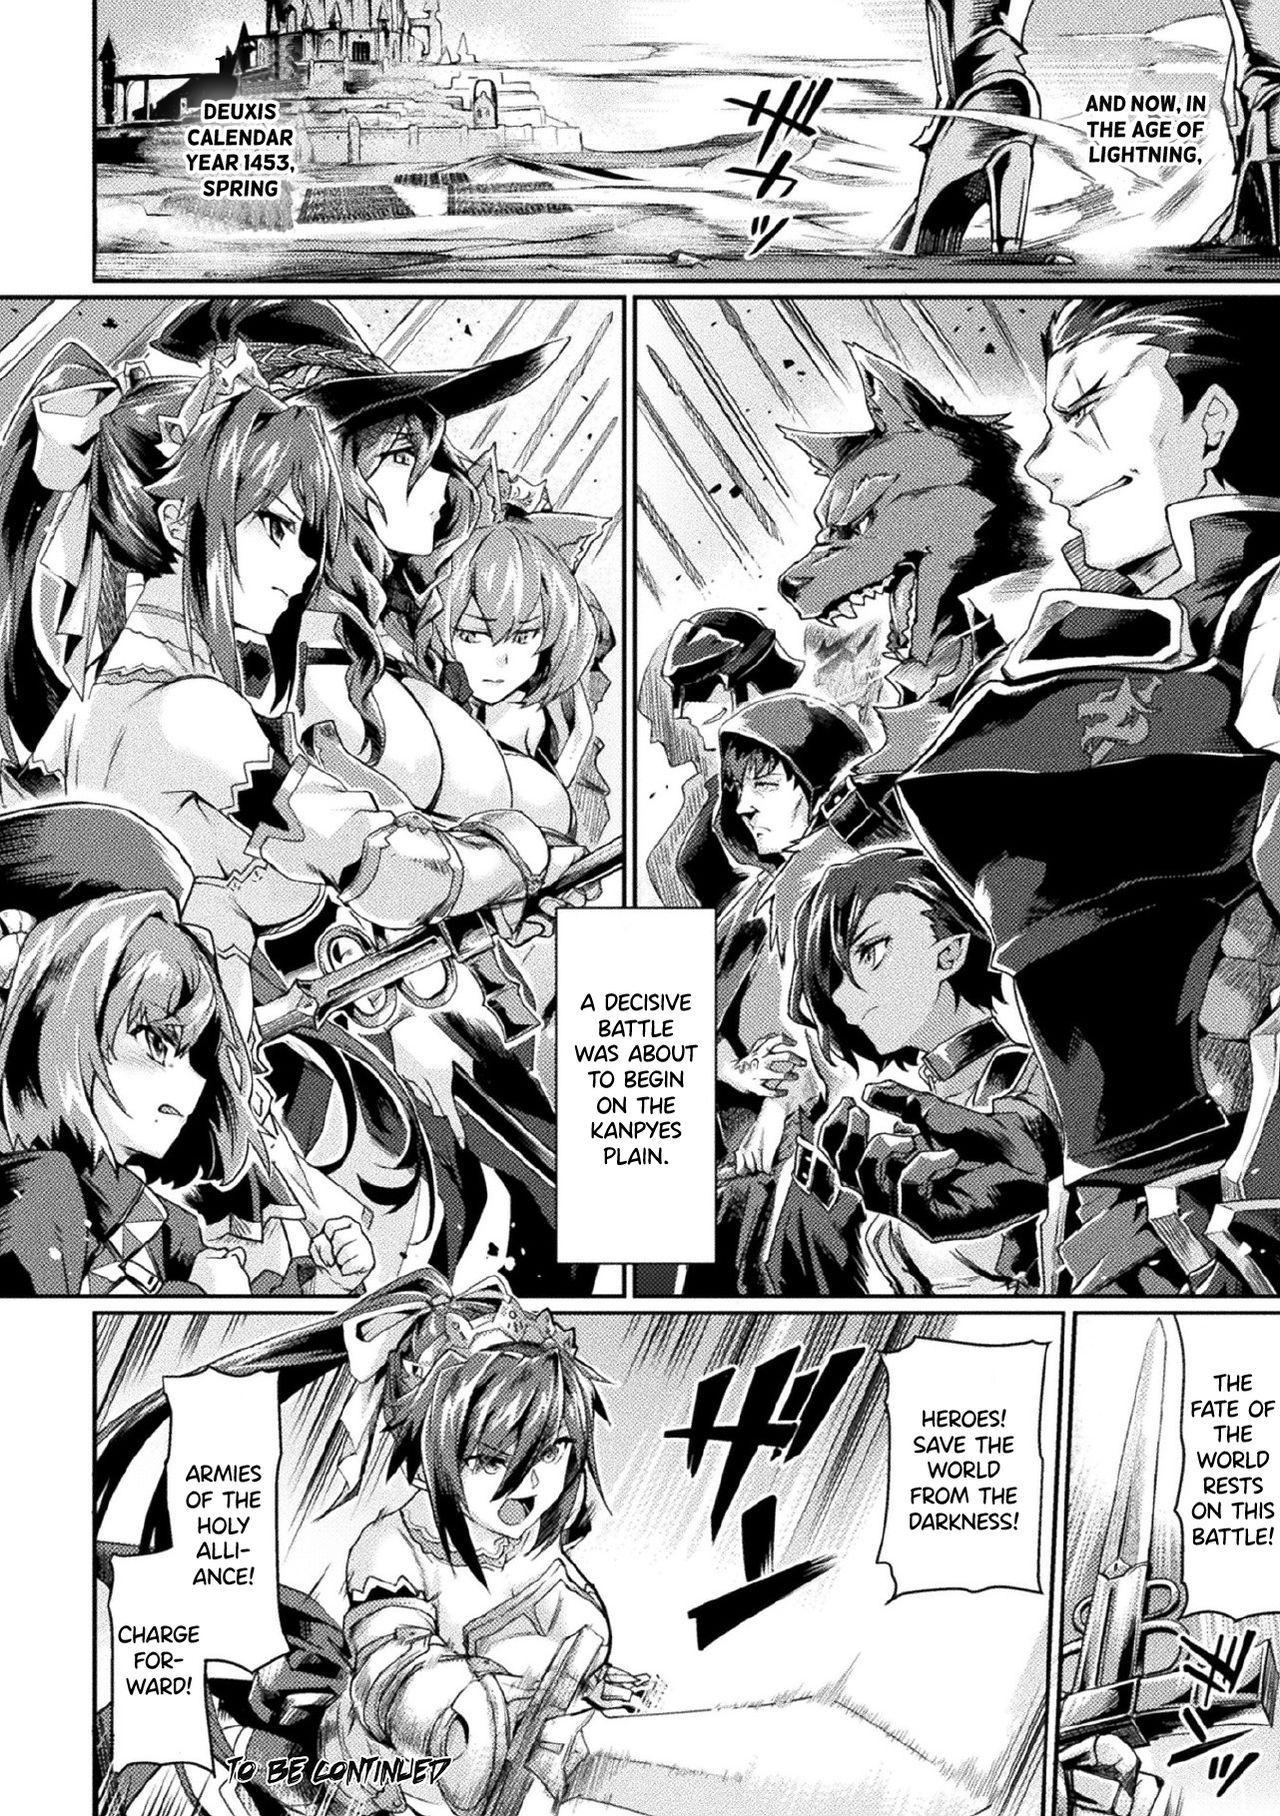 [Tsukitokage] Kuroinu II ~Inyoku ni Somaru Haitoku no Miyako, Futatabi~ THE COMIC Chapter 2 (Haiboku Otome Ecstasy Vol. 21) [English] {Hennojin} [Decensored] [Digital] 19